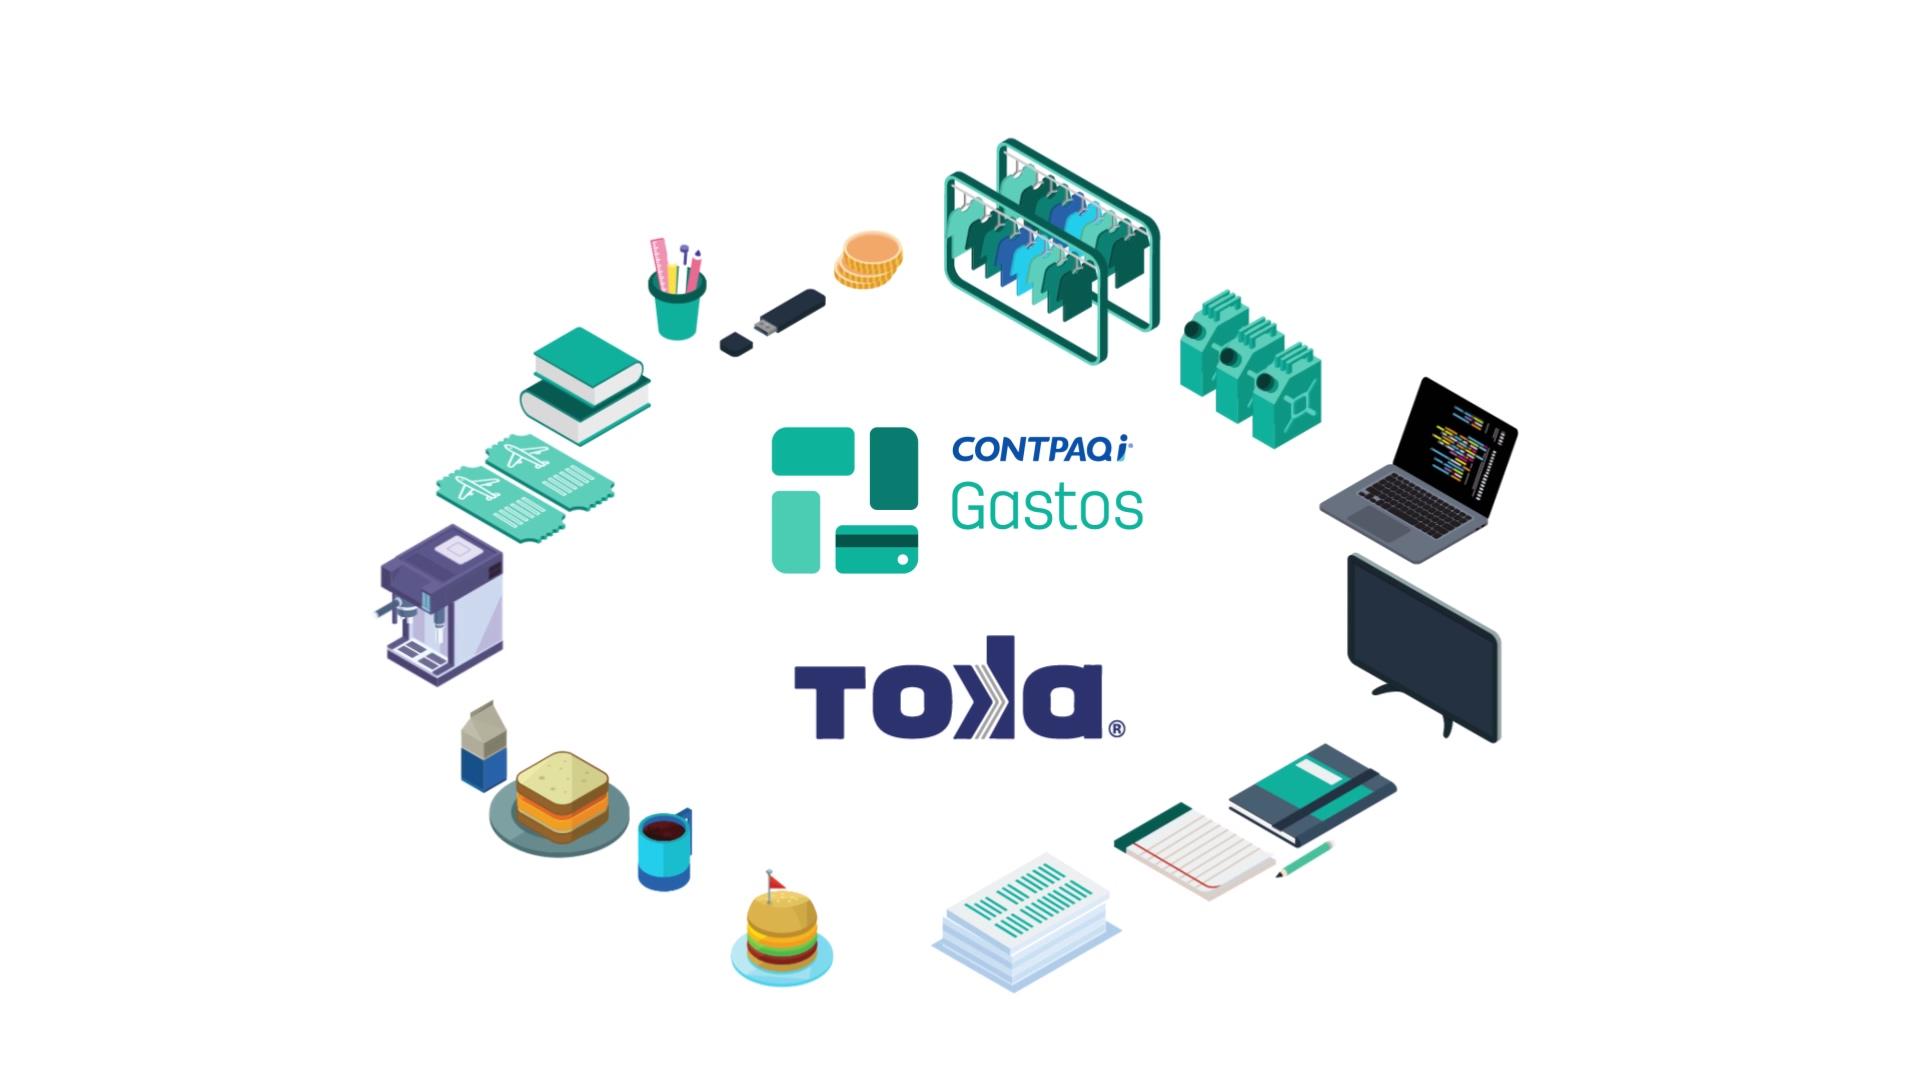 CONTPAQi_Gastos